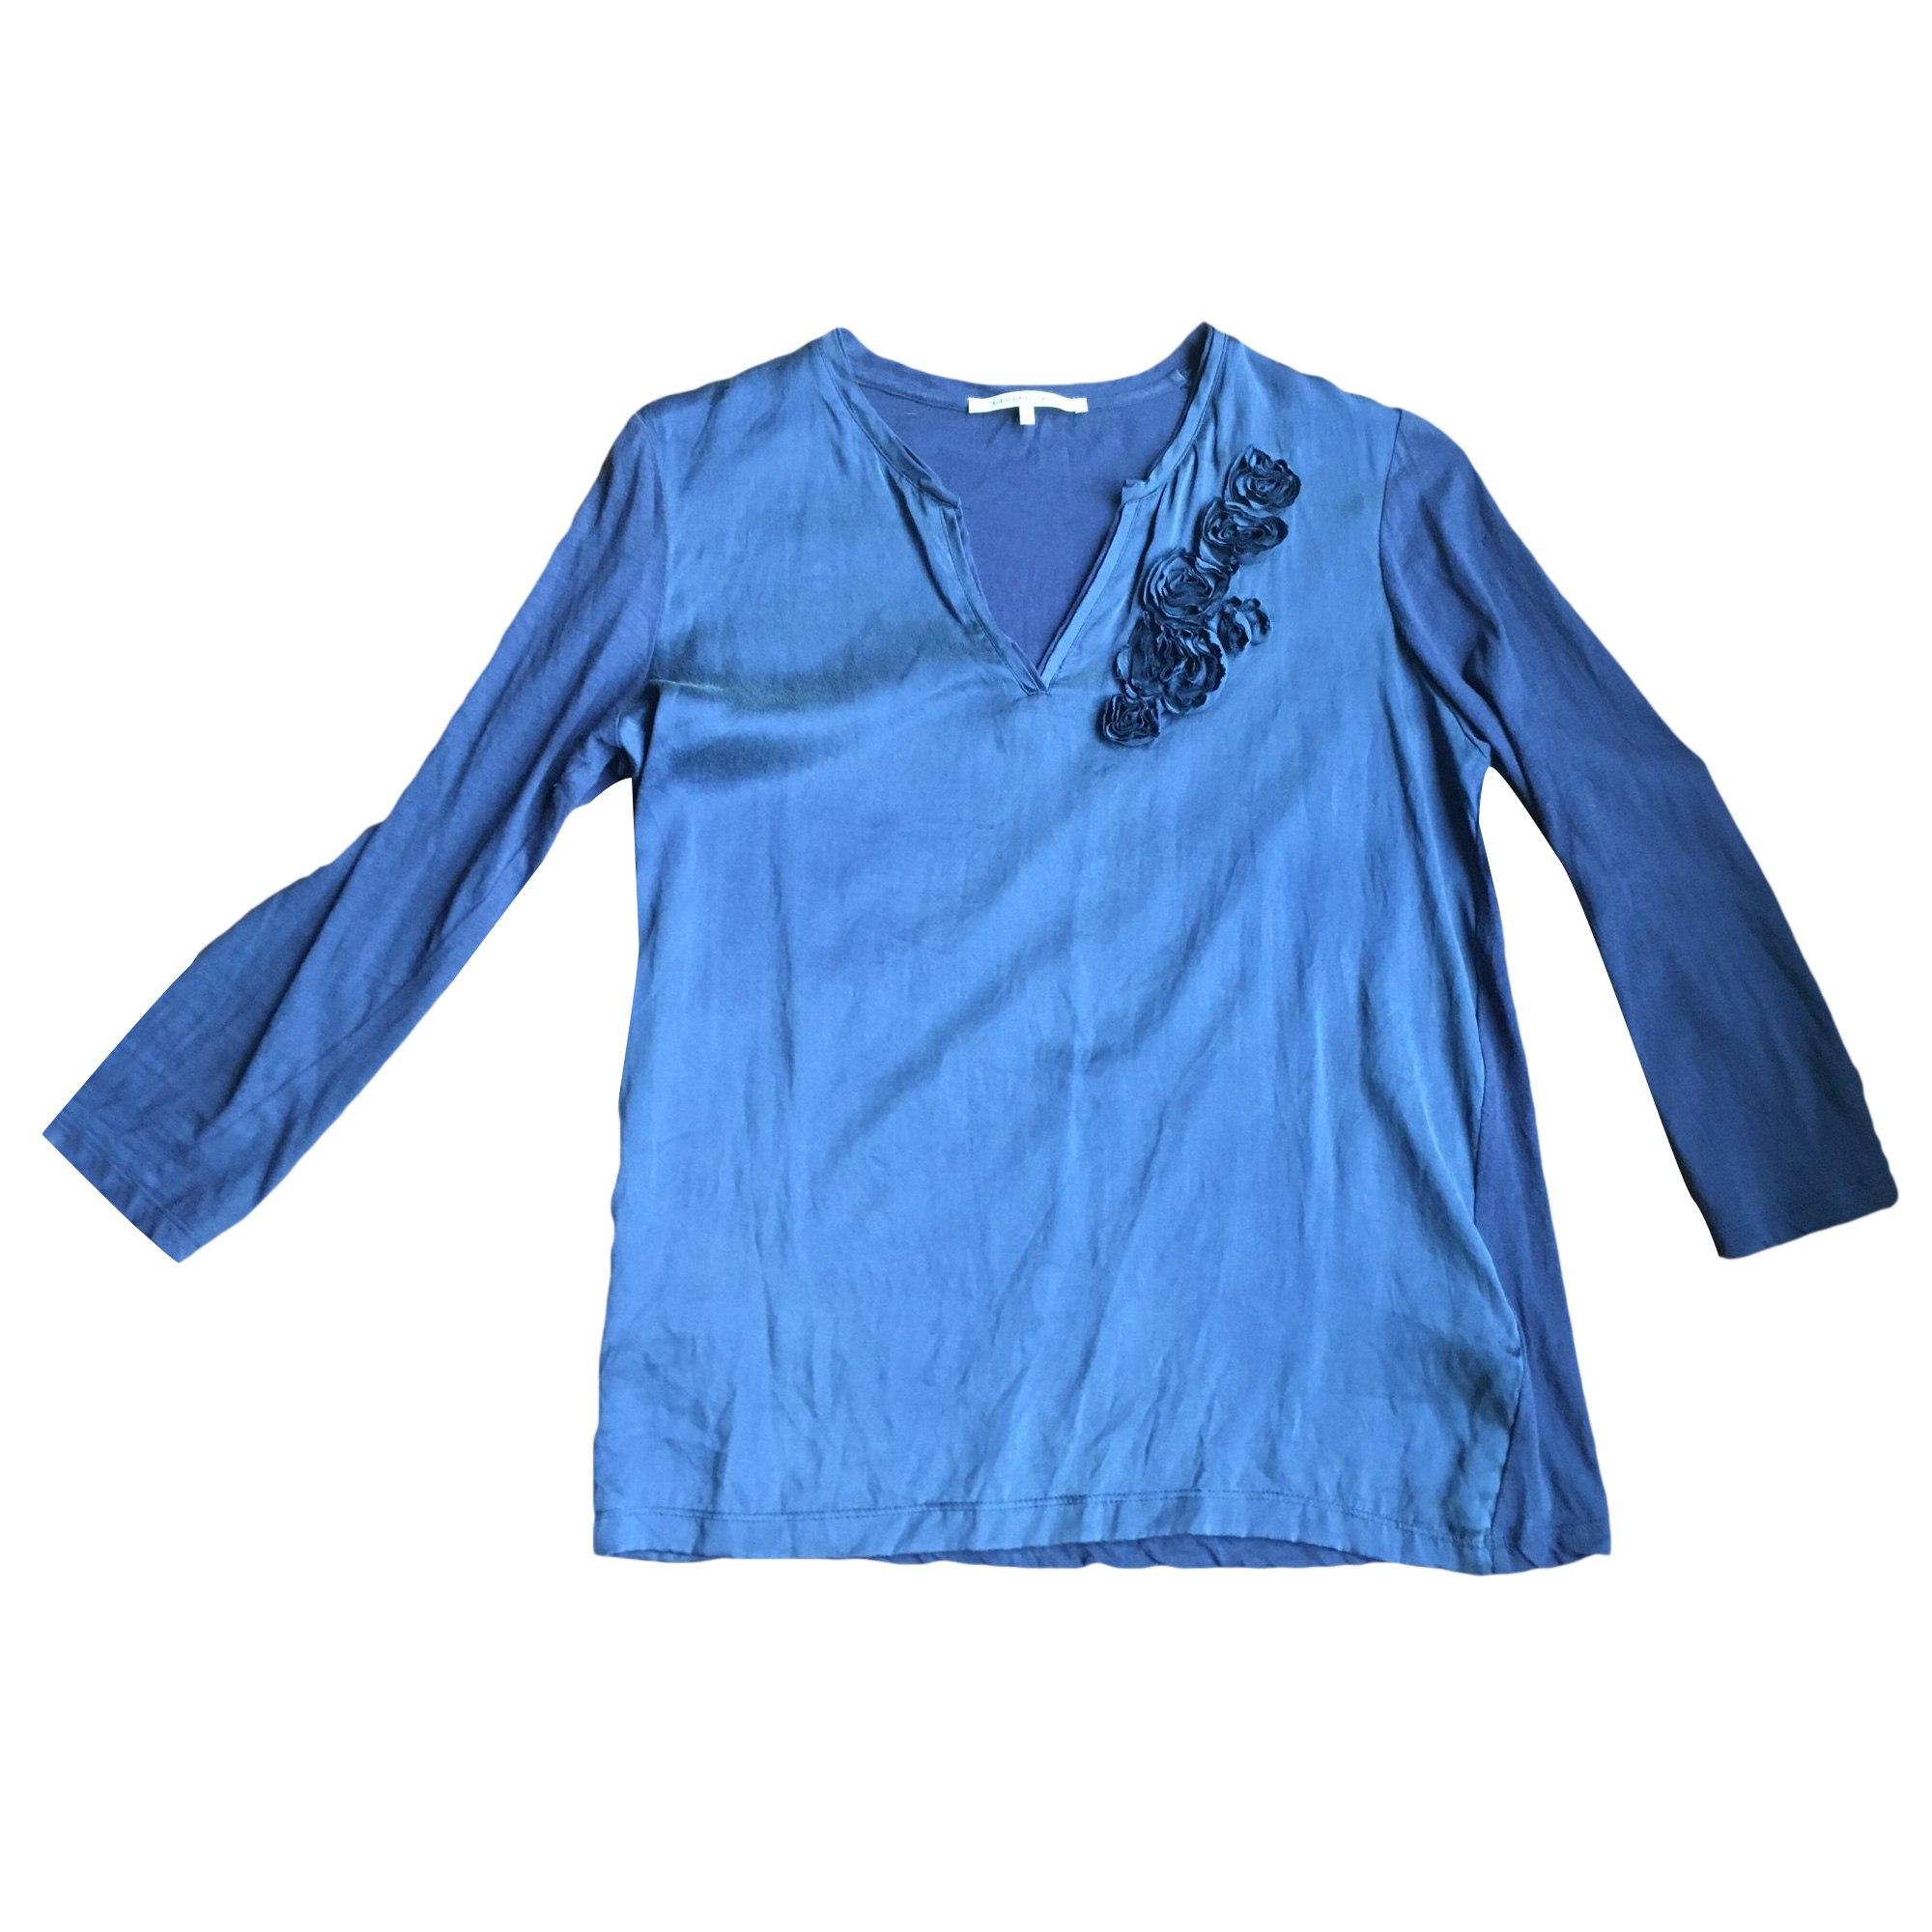 Blouse GERARD DAREL Bleu, bleu marine, bleu turquoise